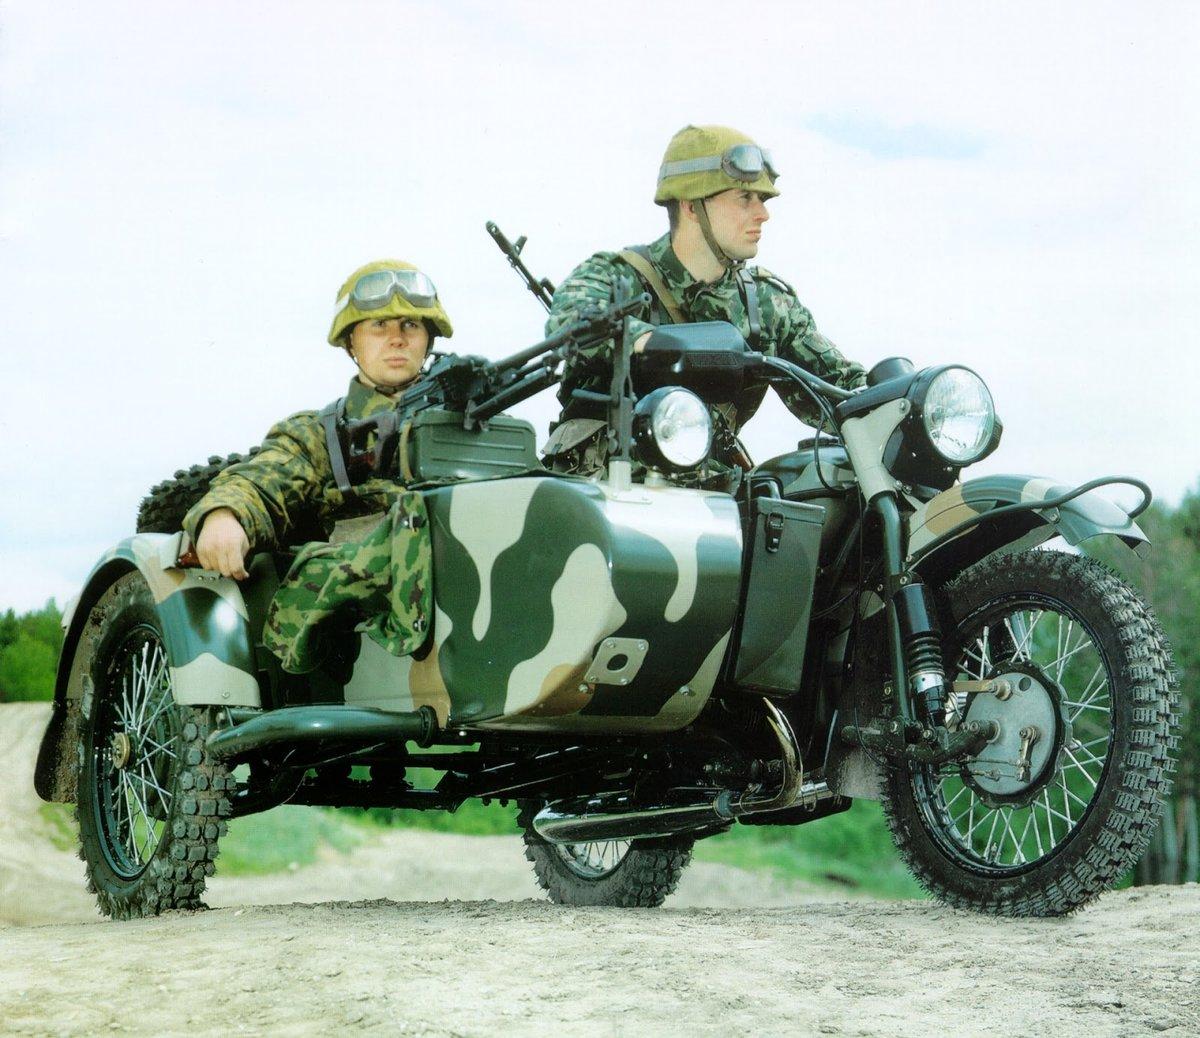 своей сознательной военные мотоциклы фото и картинки купить изысканные светлые